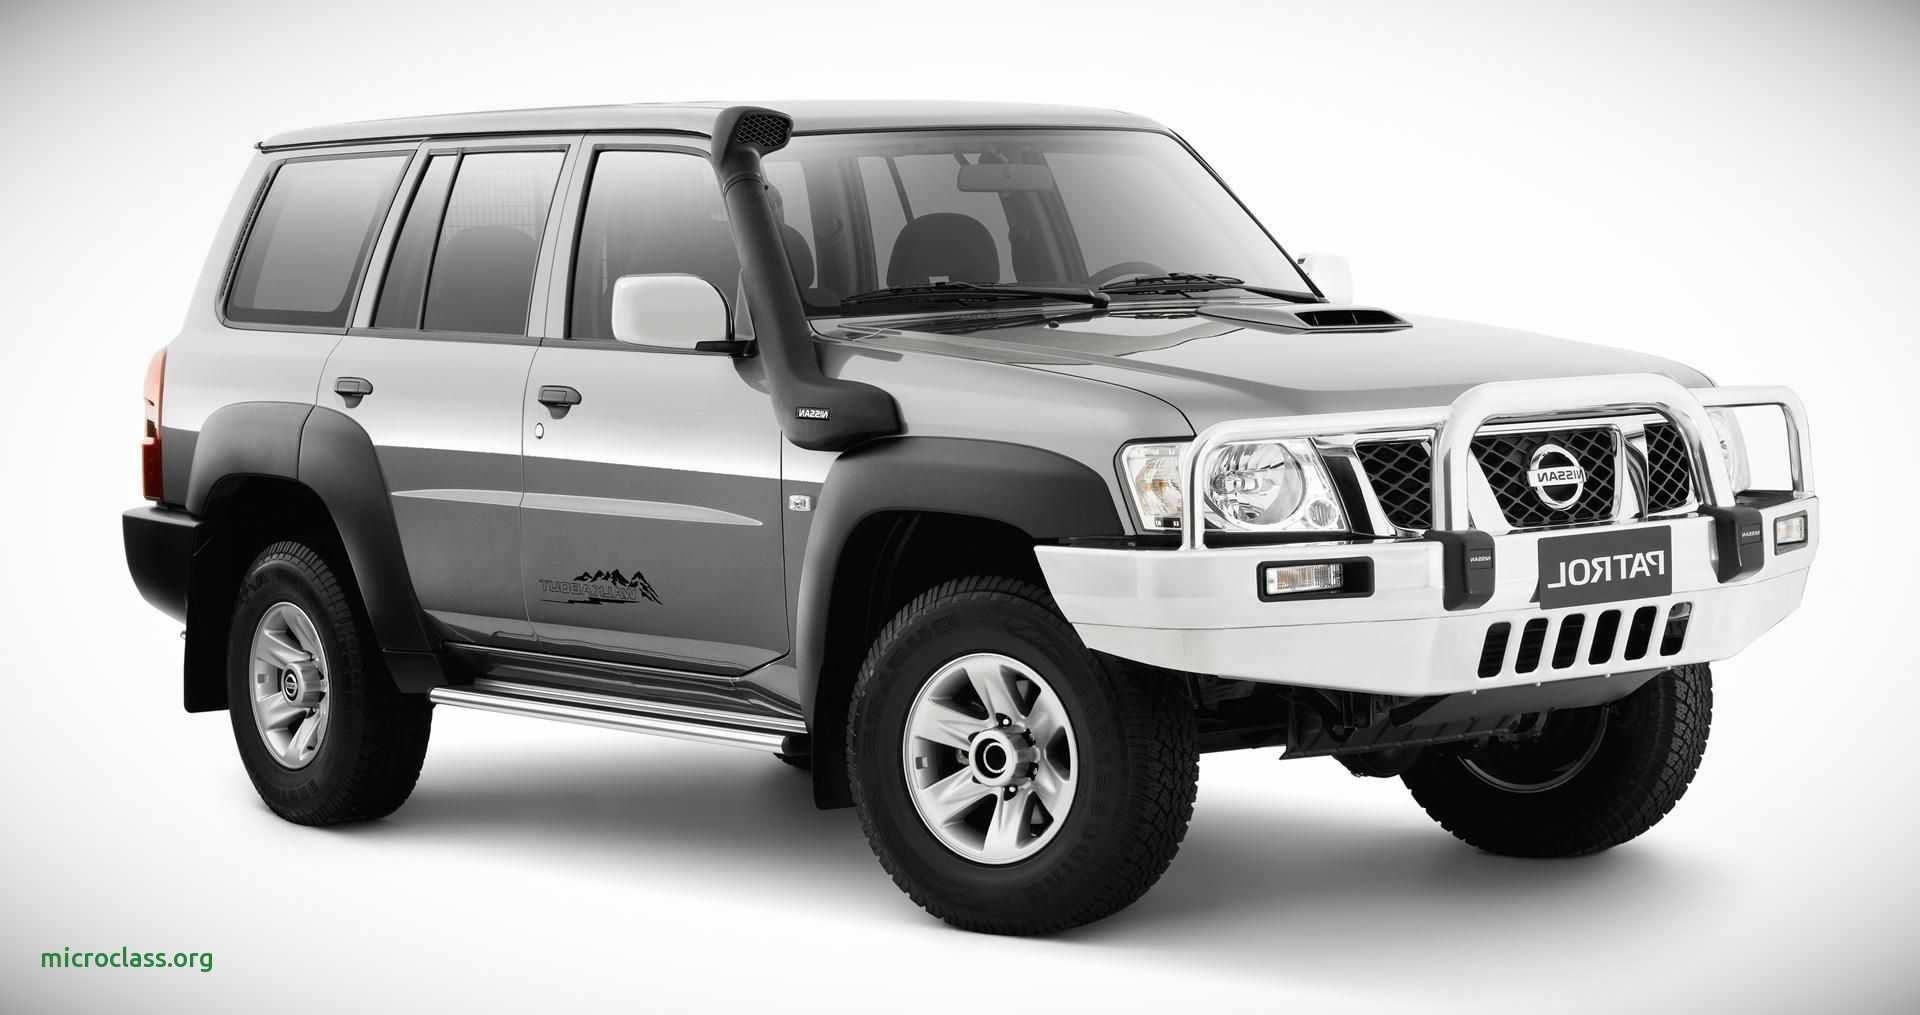 84 All New 2019 Nissan Patrol Diesel Speed Test for 2019 Nissan Patrol Diesel